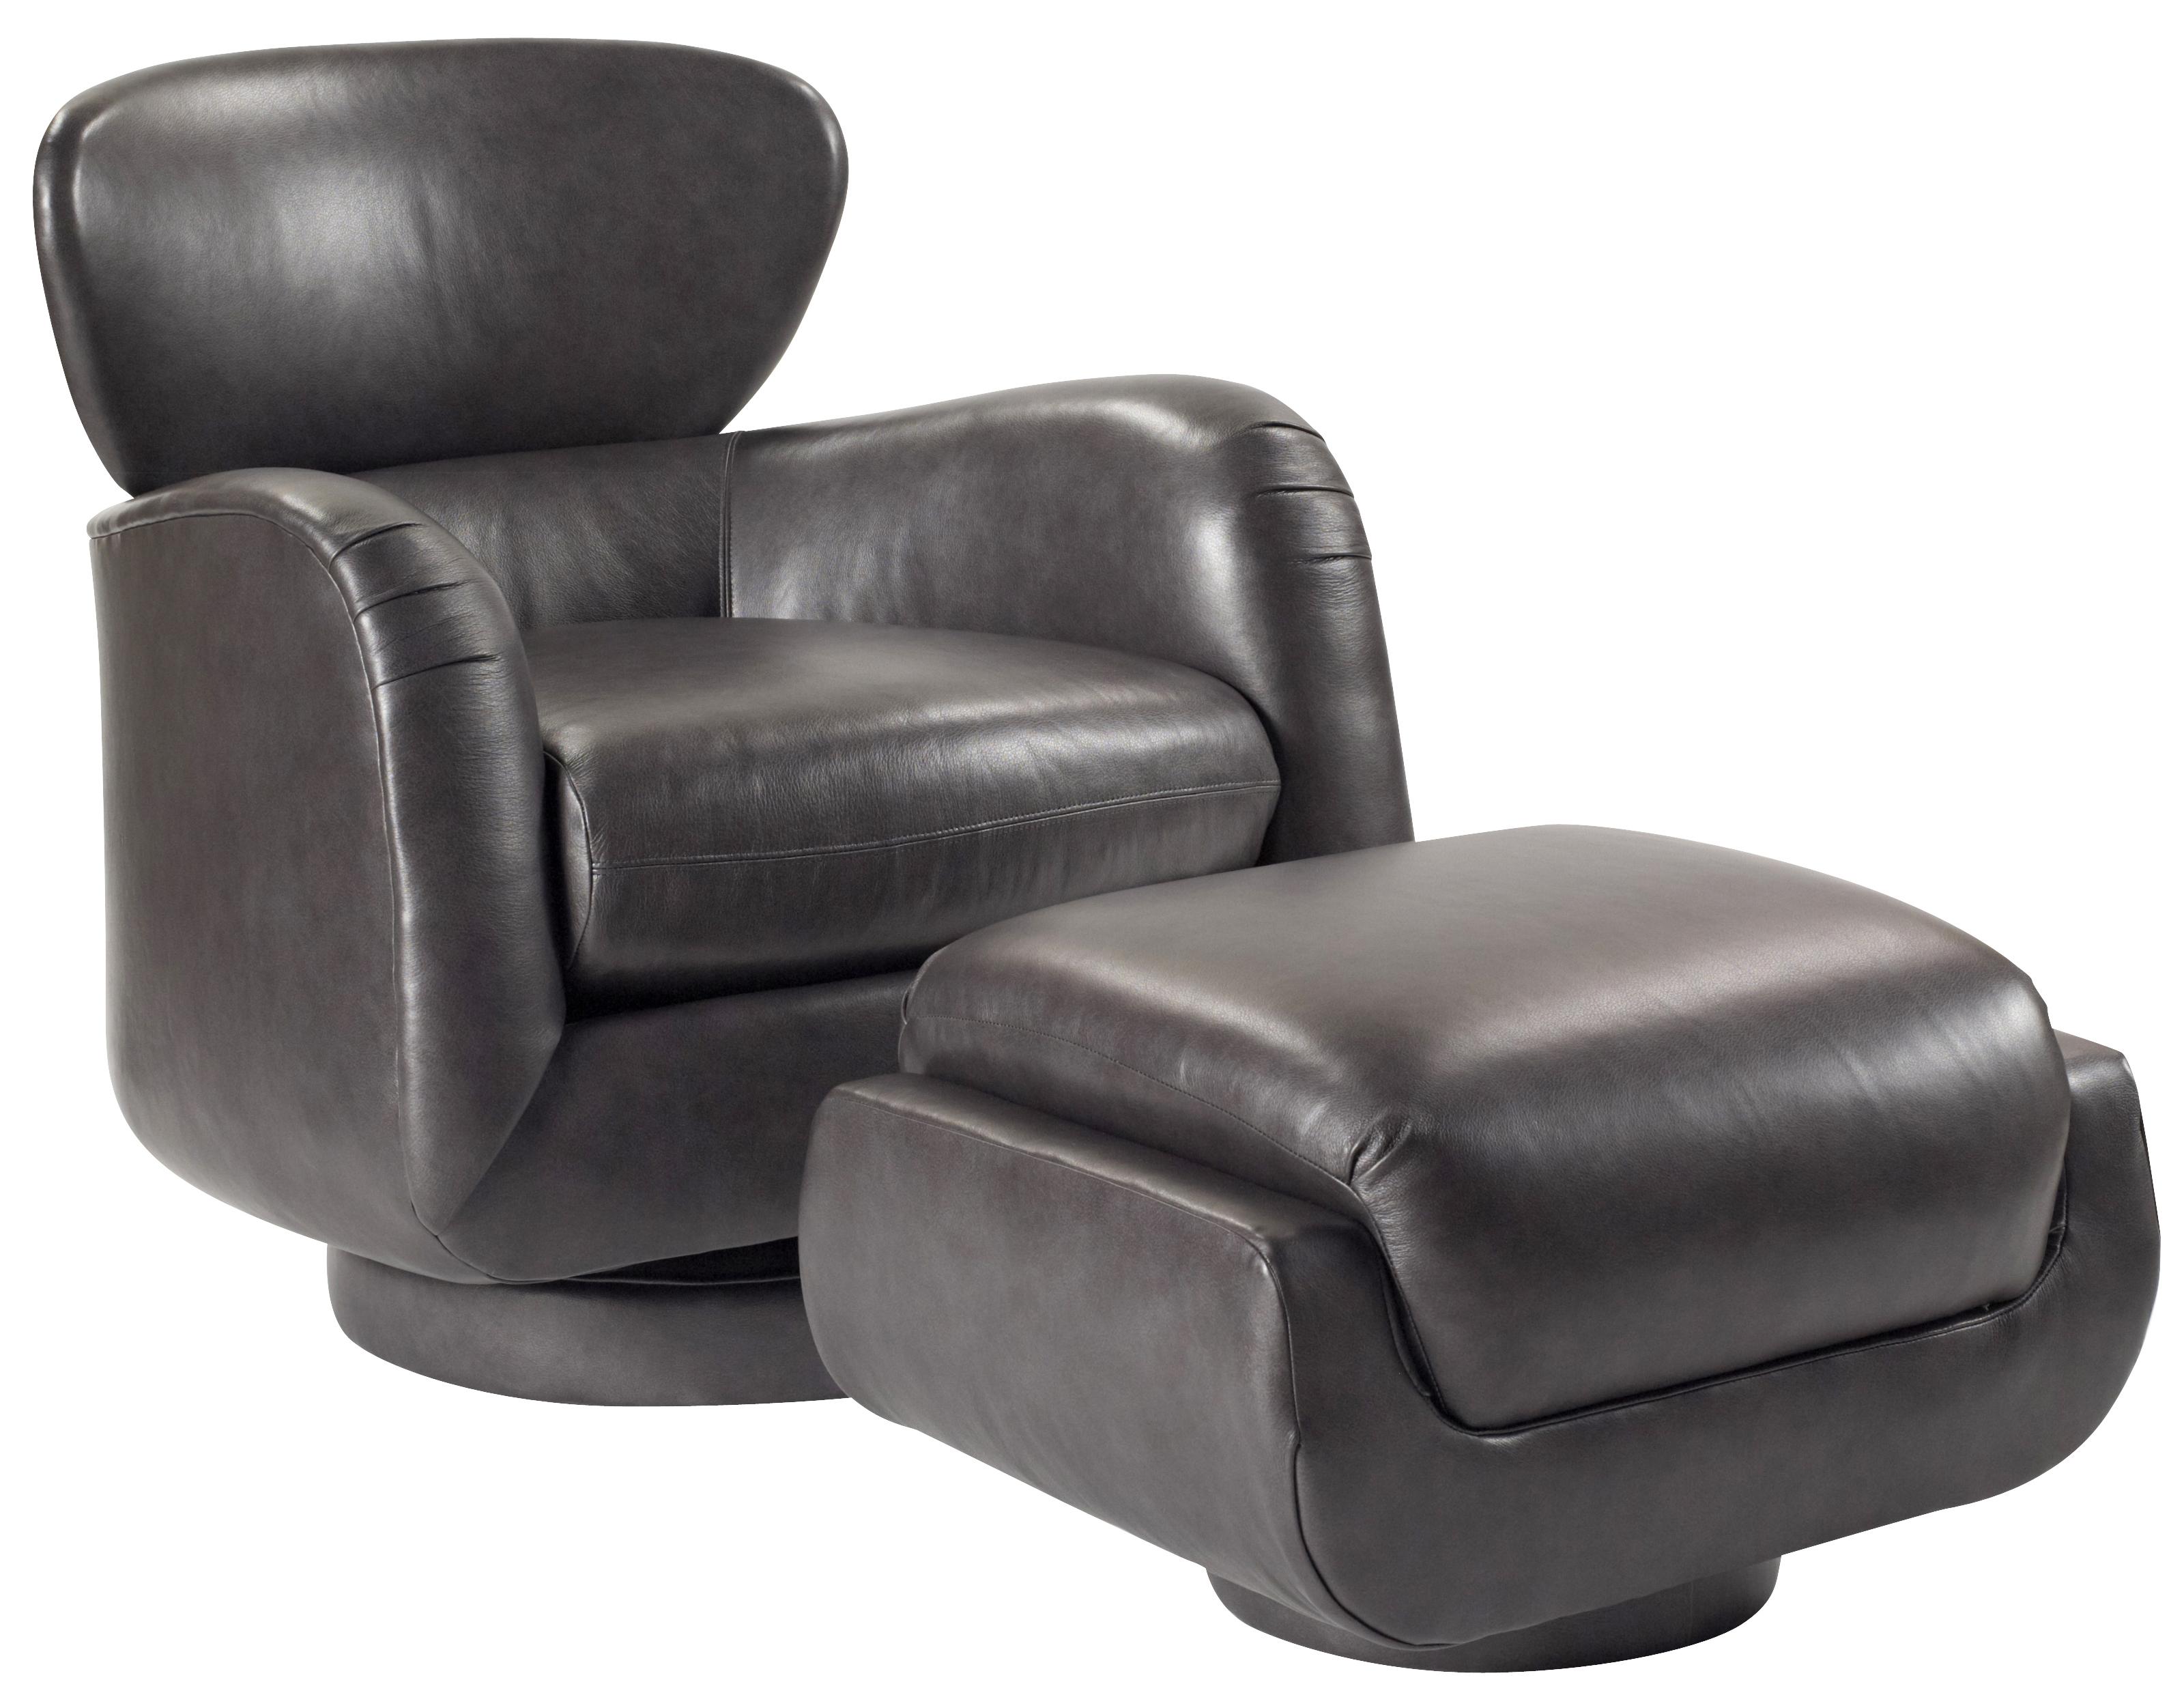 3784d swivel rocker chair 3784a ottoman 4 13 cliffyoung